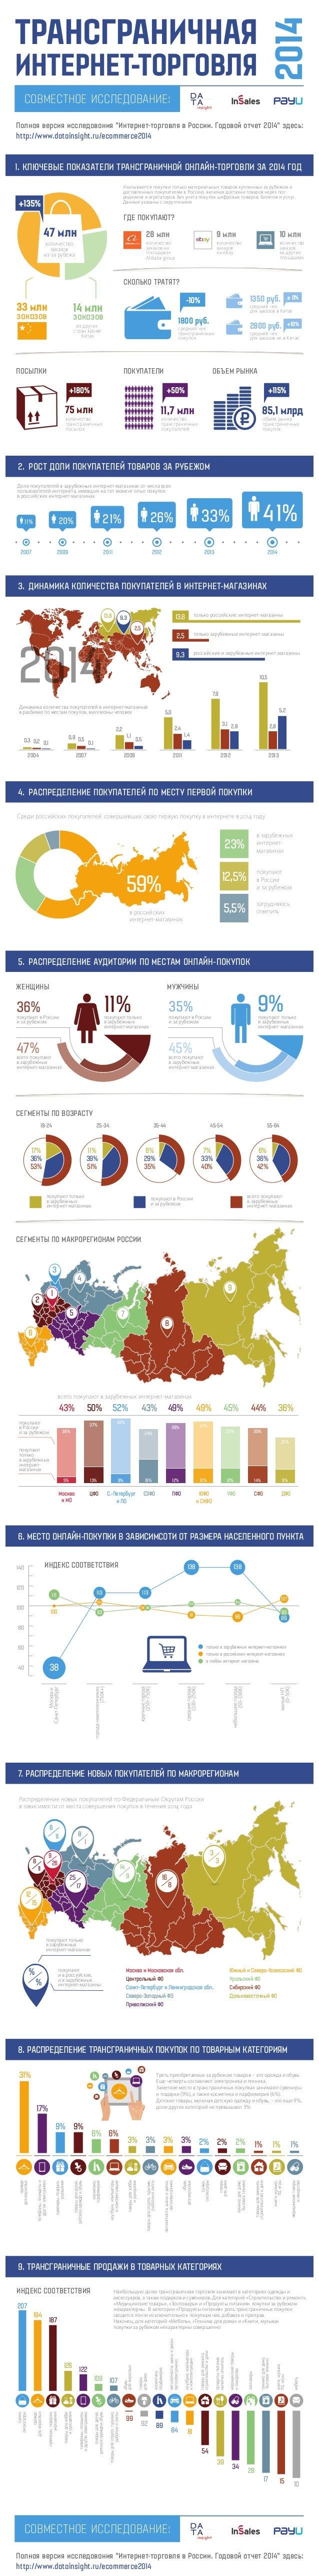 Учитываются покупки только материальных товаров купленных за рубежом и доставленных покупателям в Россию, включая доставки...